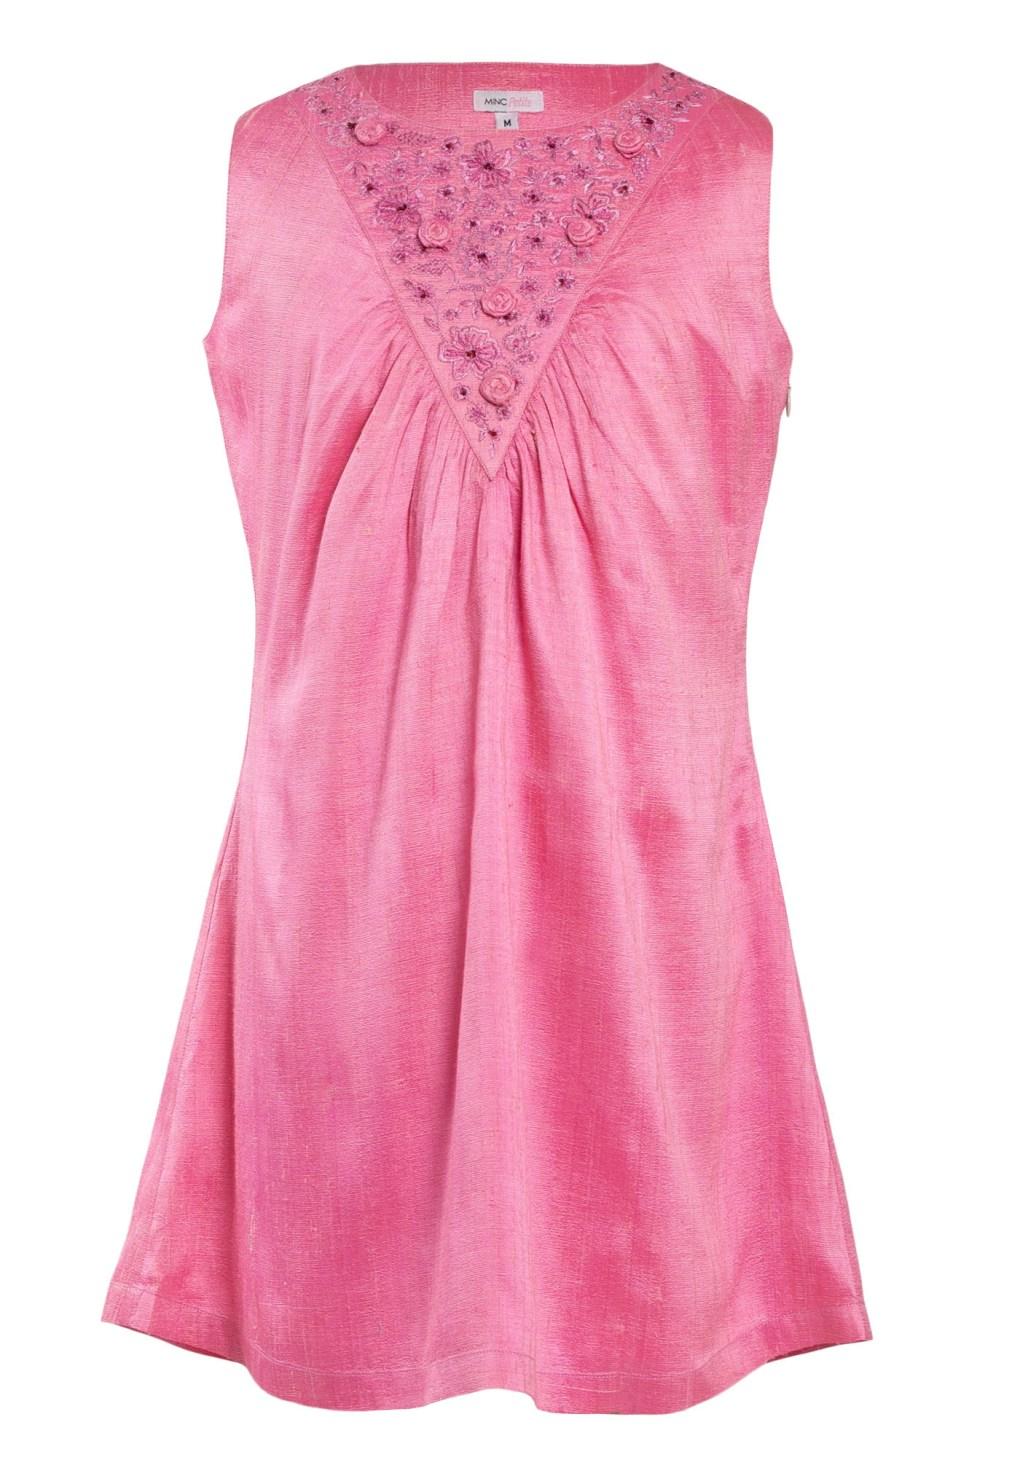 MINC Petite Spring Rose Gathered Yoke Girls Dress in Pink Silk